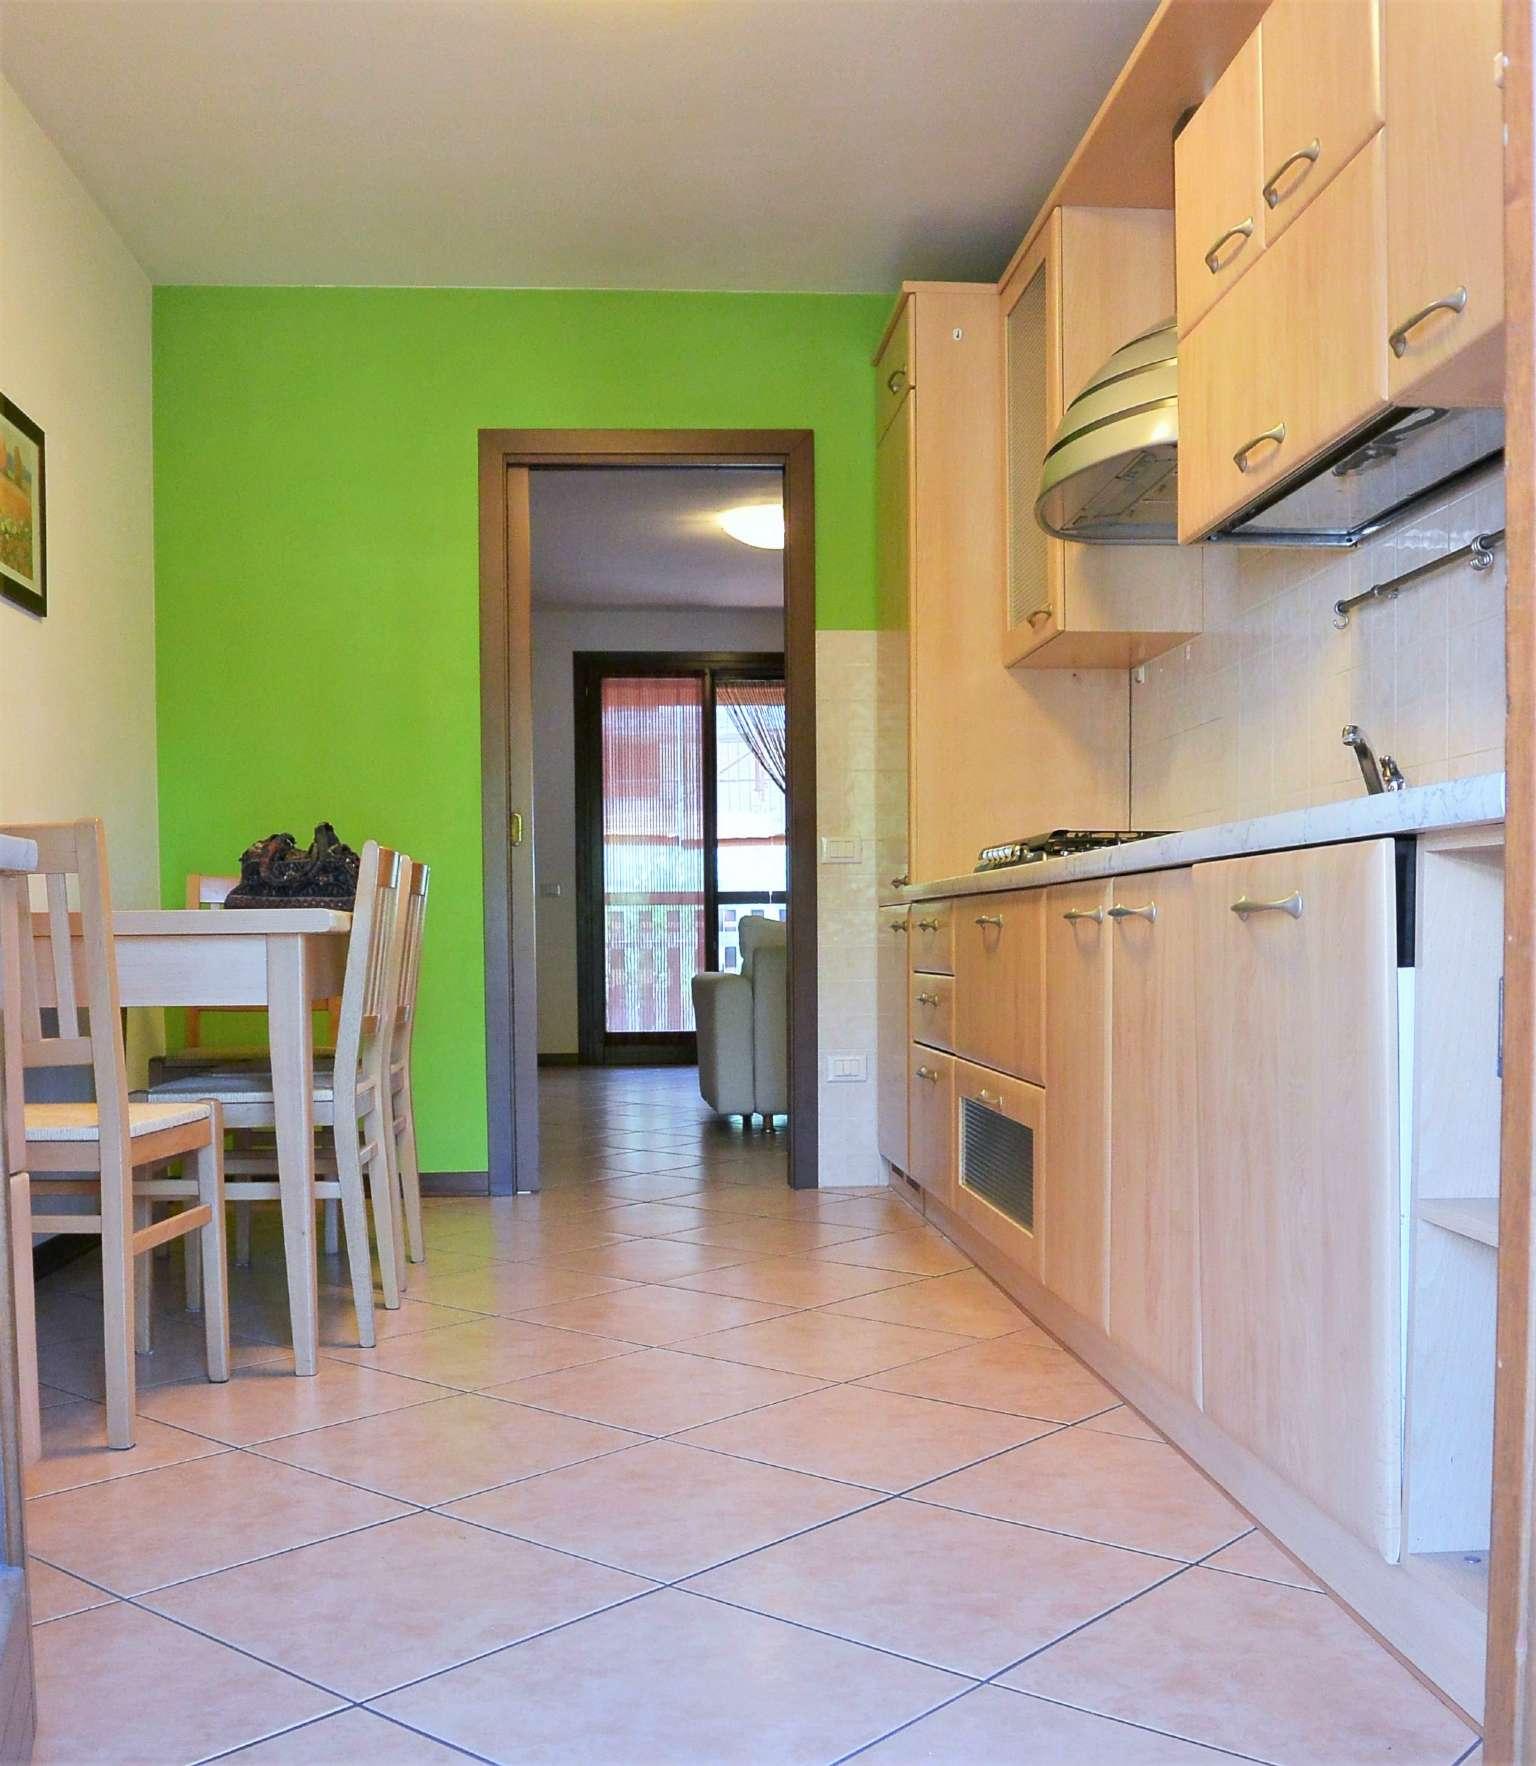 Appartamento in vendita a San Pietro al Natisone, 6 locali, prezzo € 115.000 | CambioCasa.it